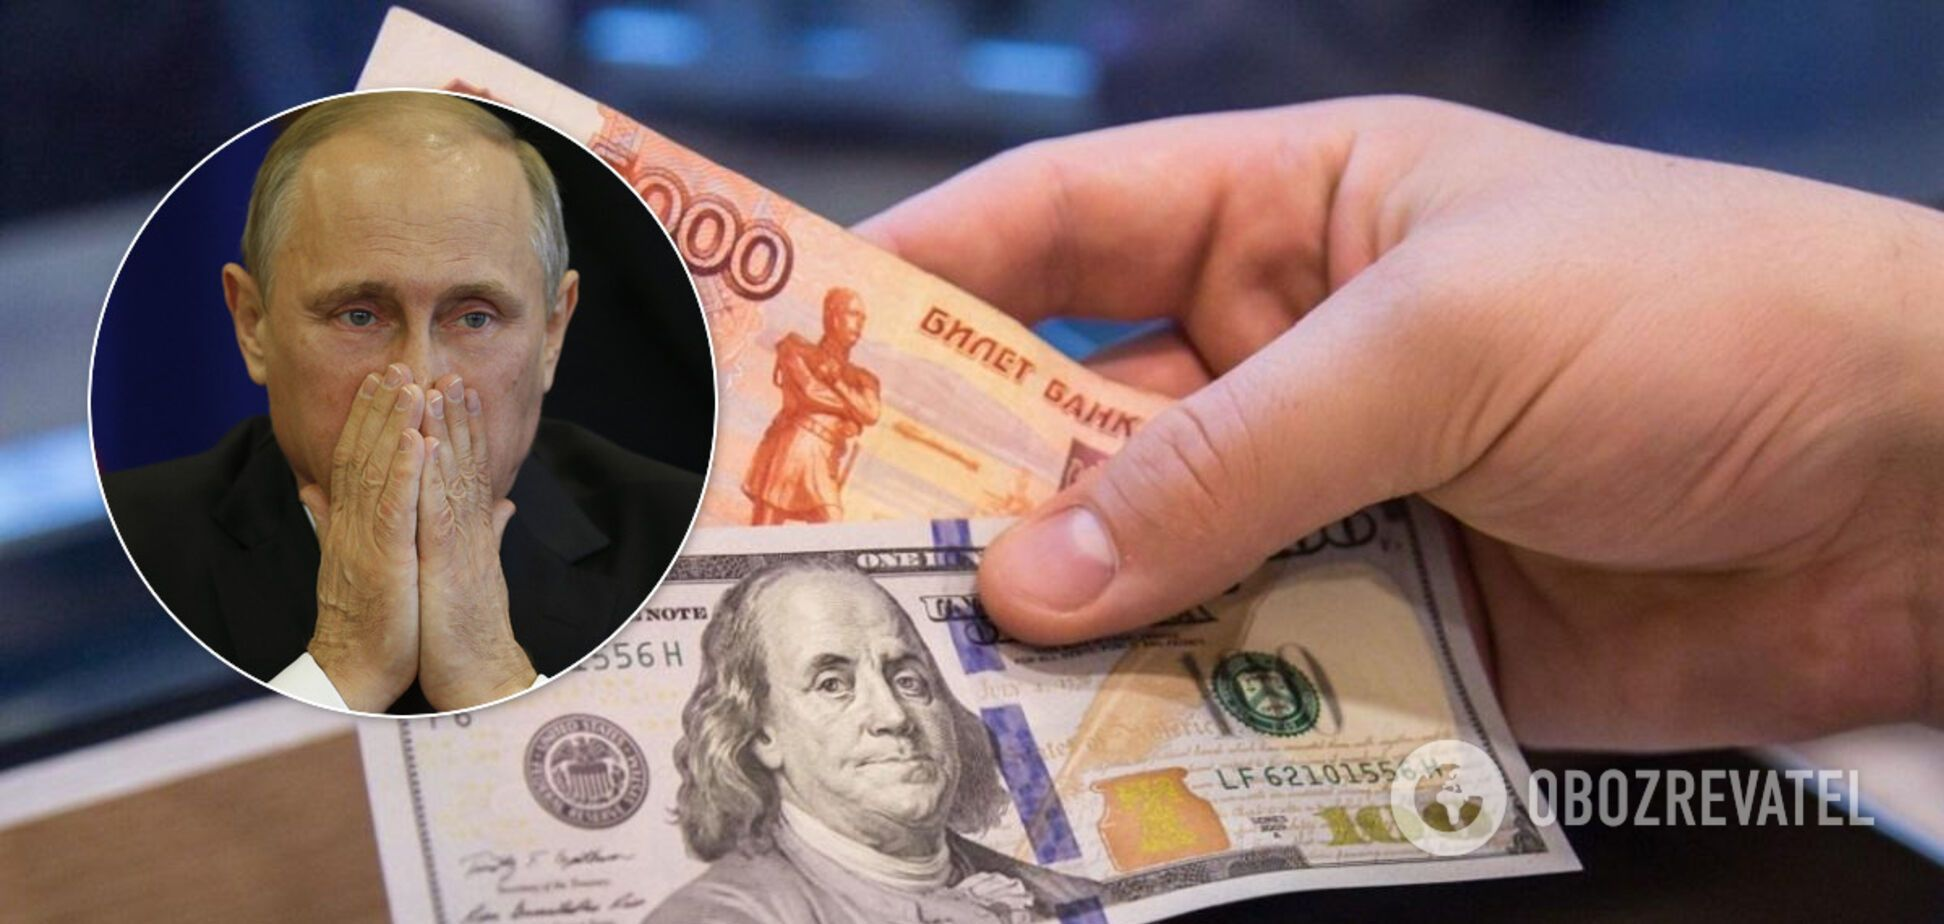 У Росії подешевшав рубль: у Путіна спробували зміцнити курс, але безрезультатно